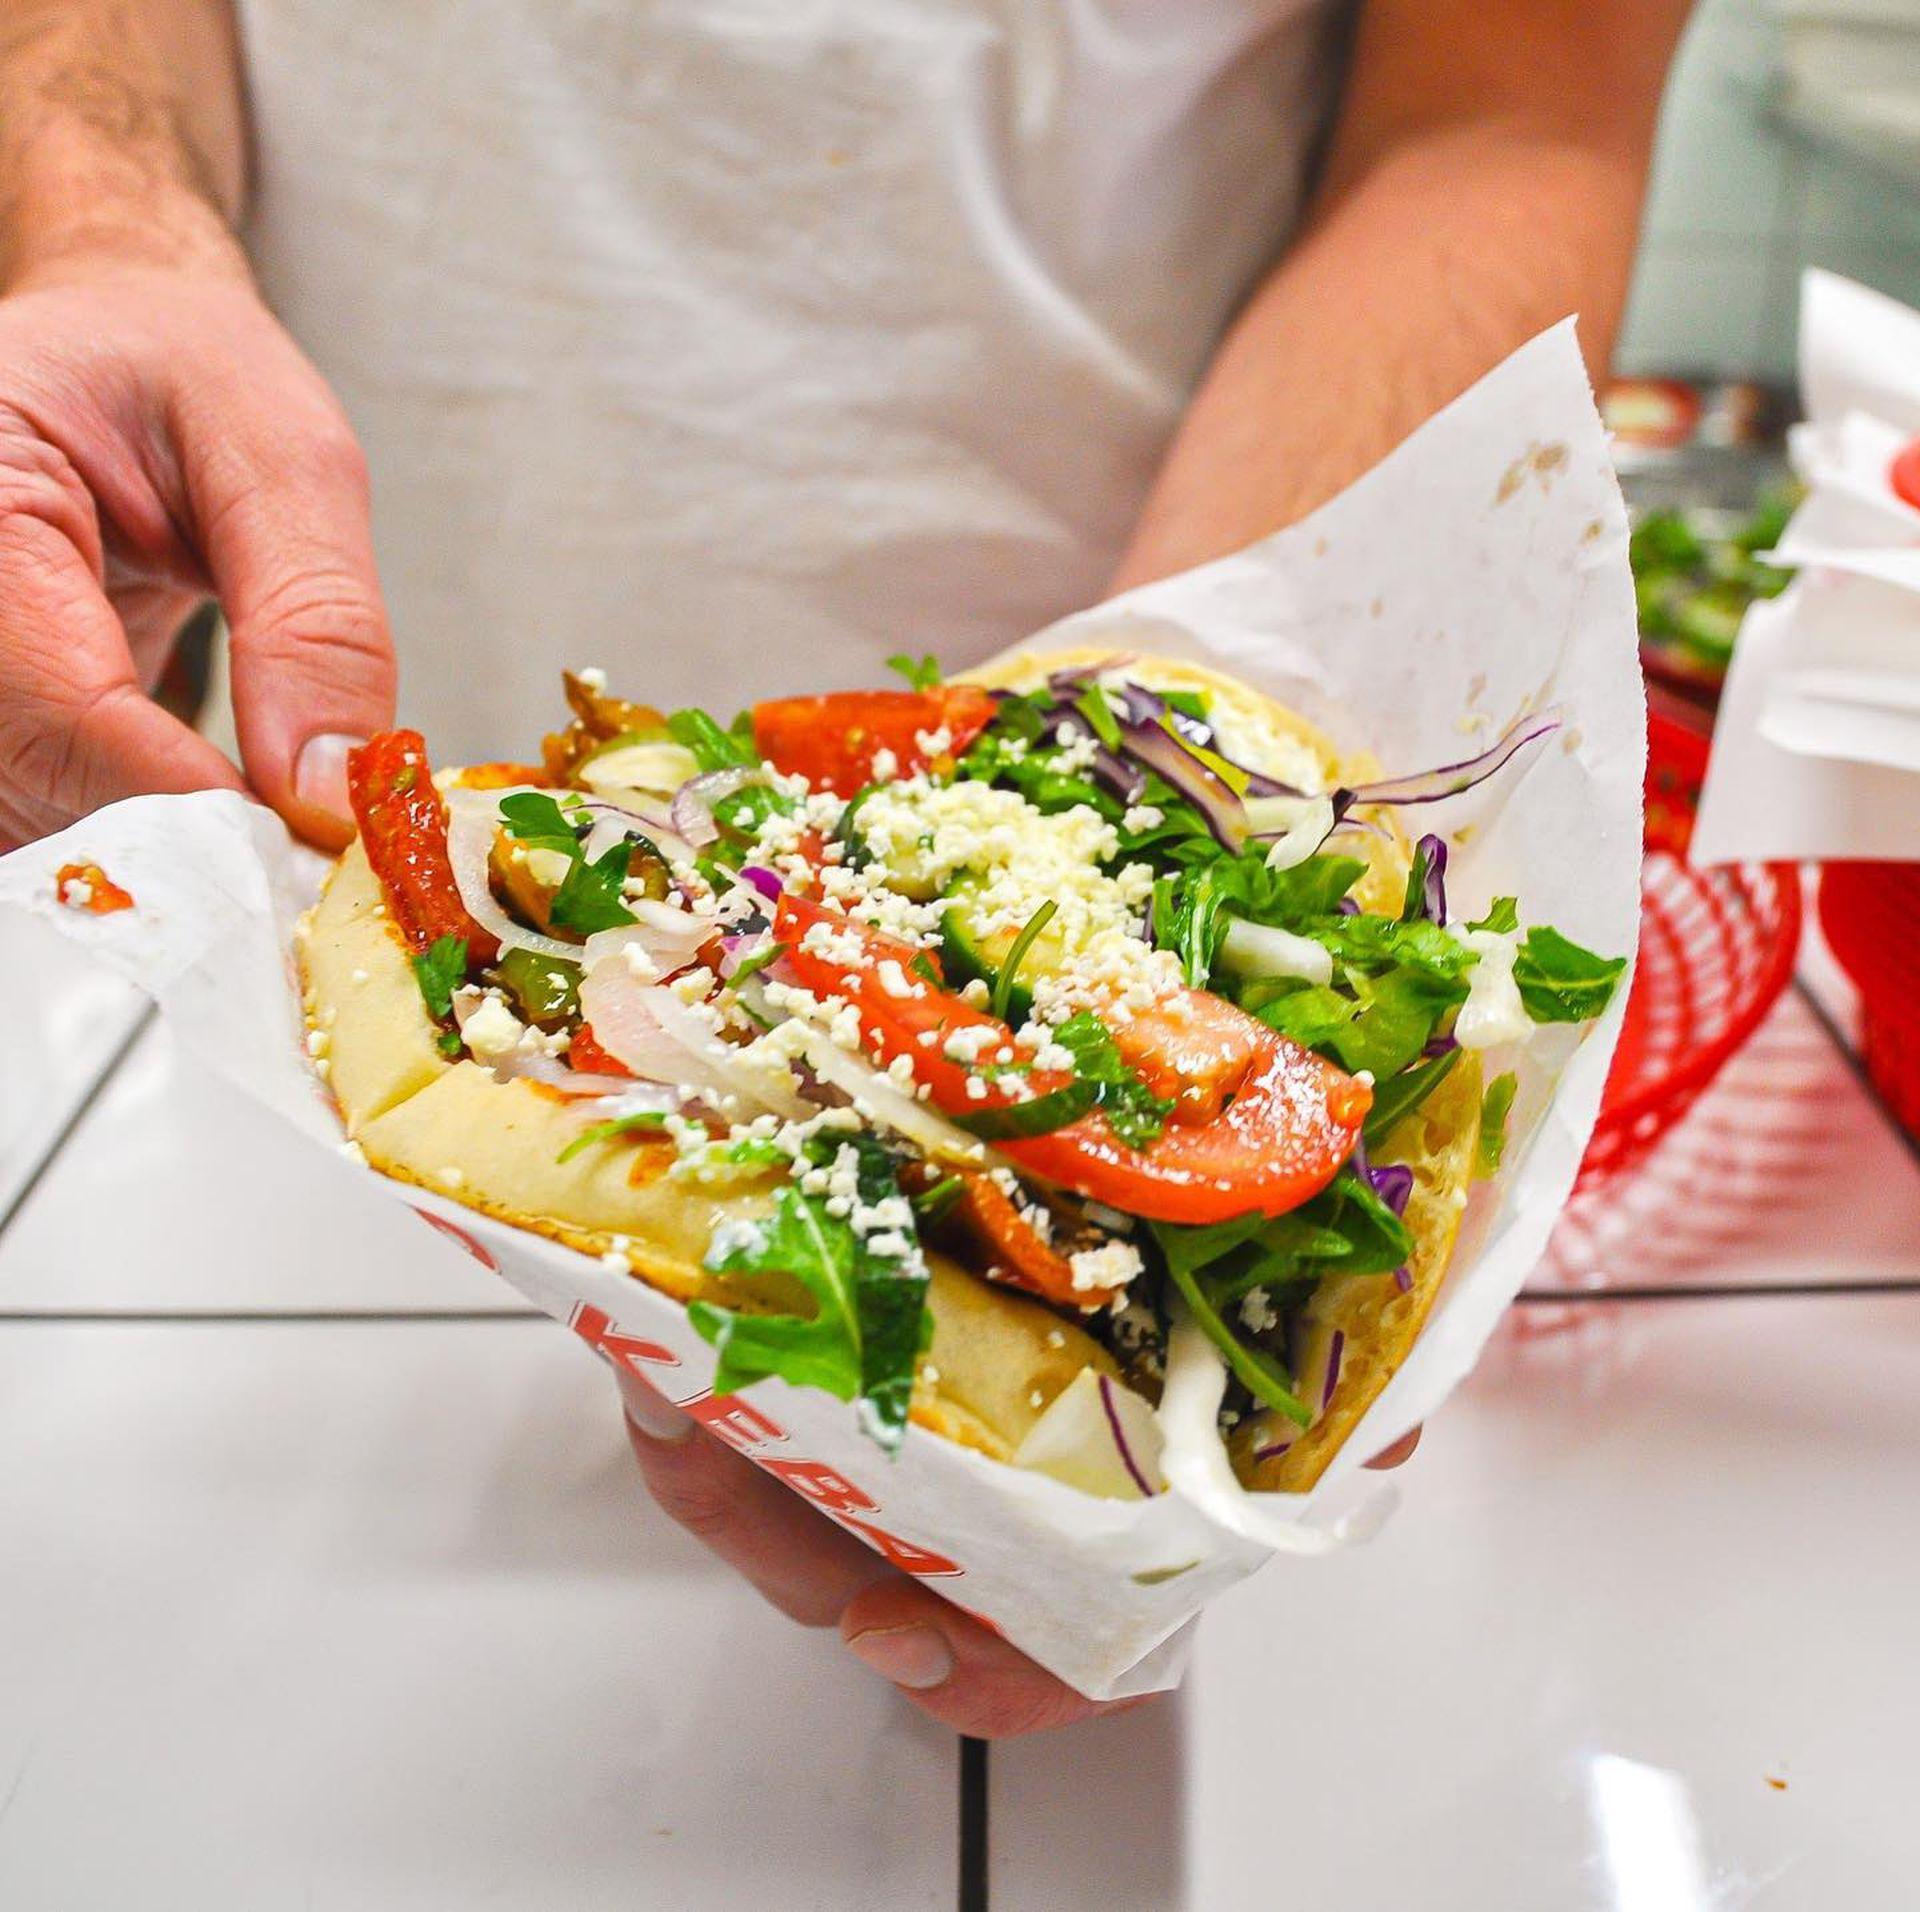 Uno de los kebabs de Sürpriz, una combinación de la receta berlinesa y árabe que tiene muchos adeptos en el distrito 11.